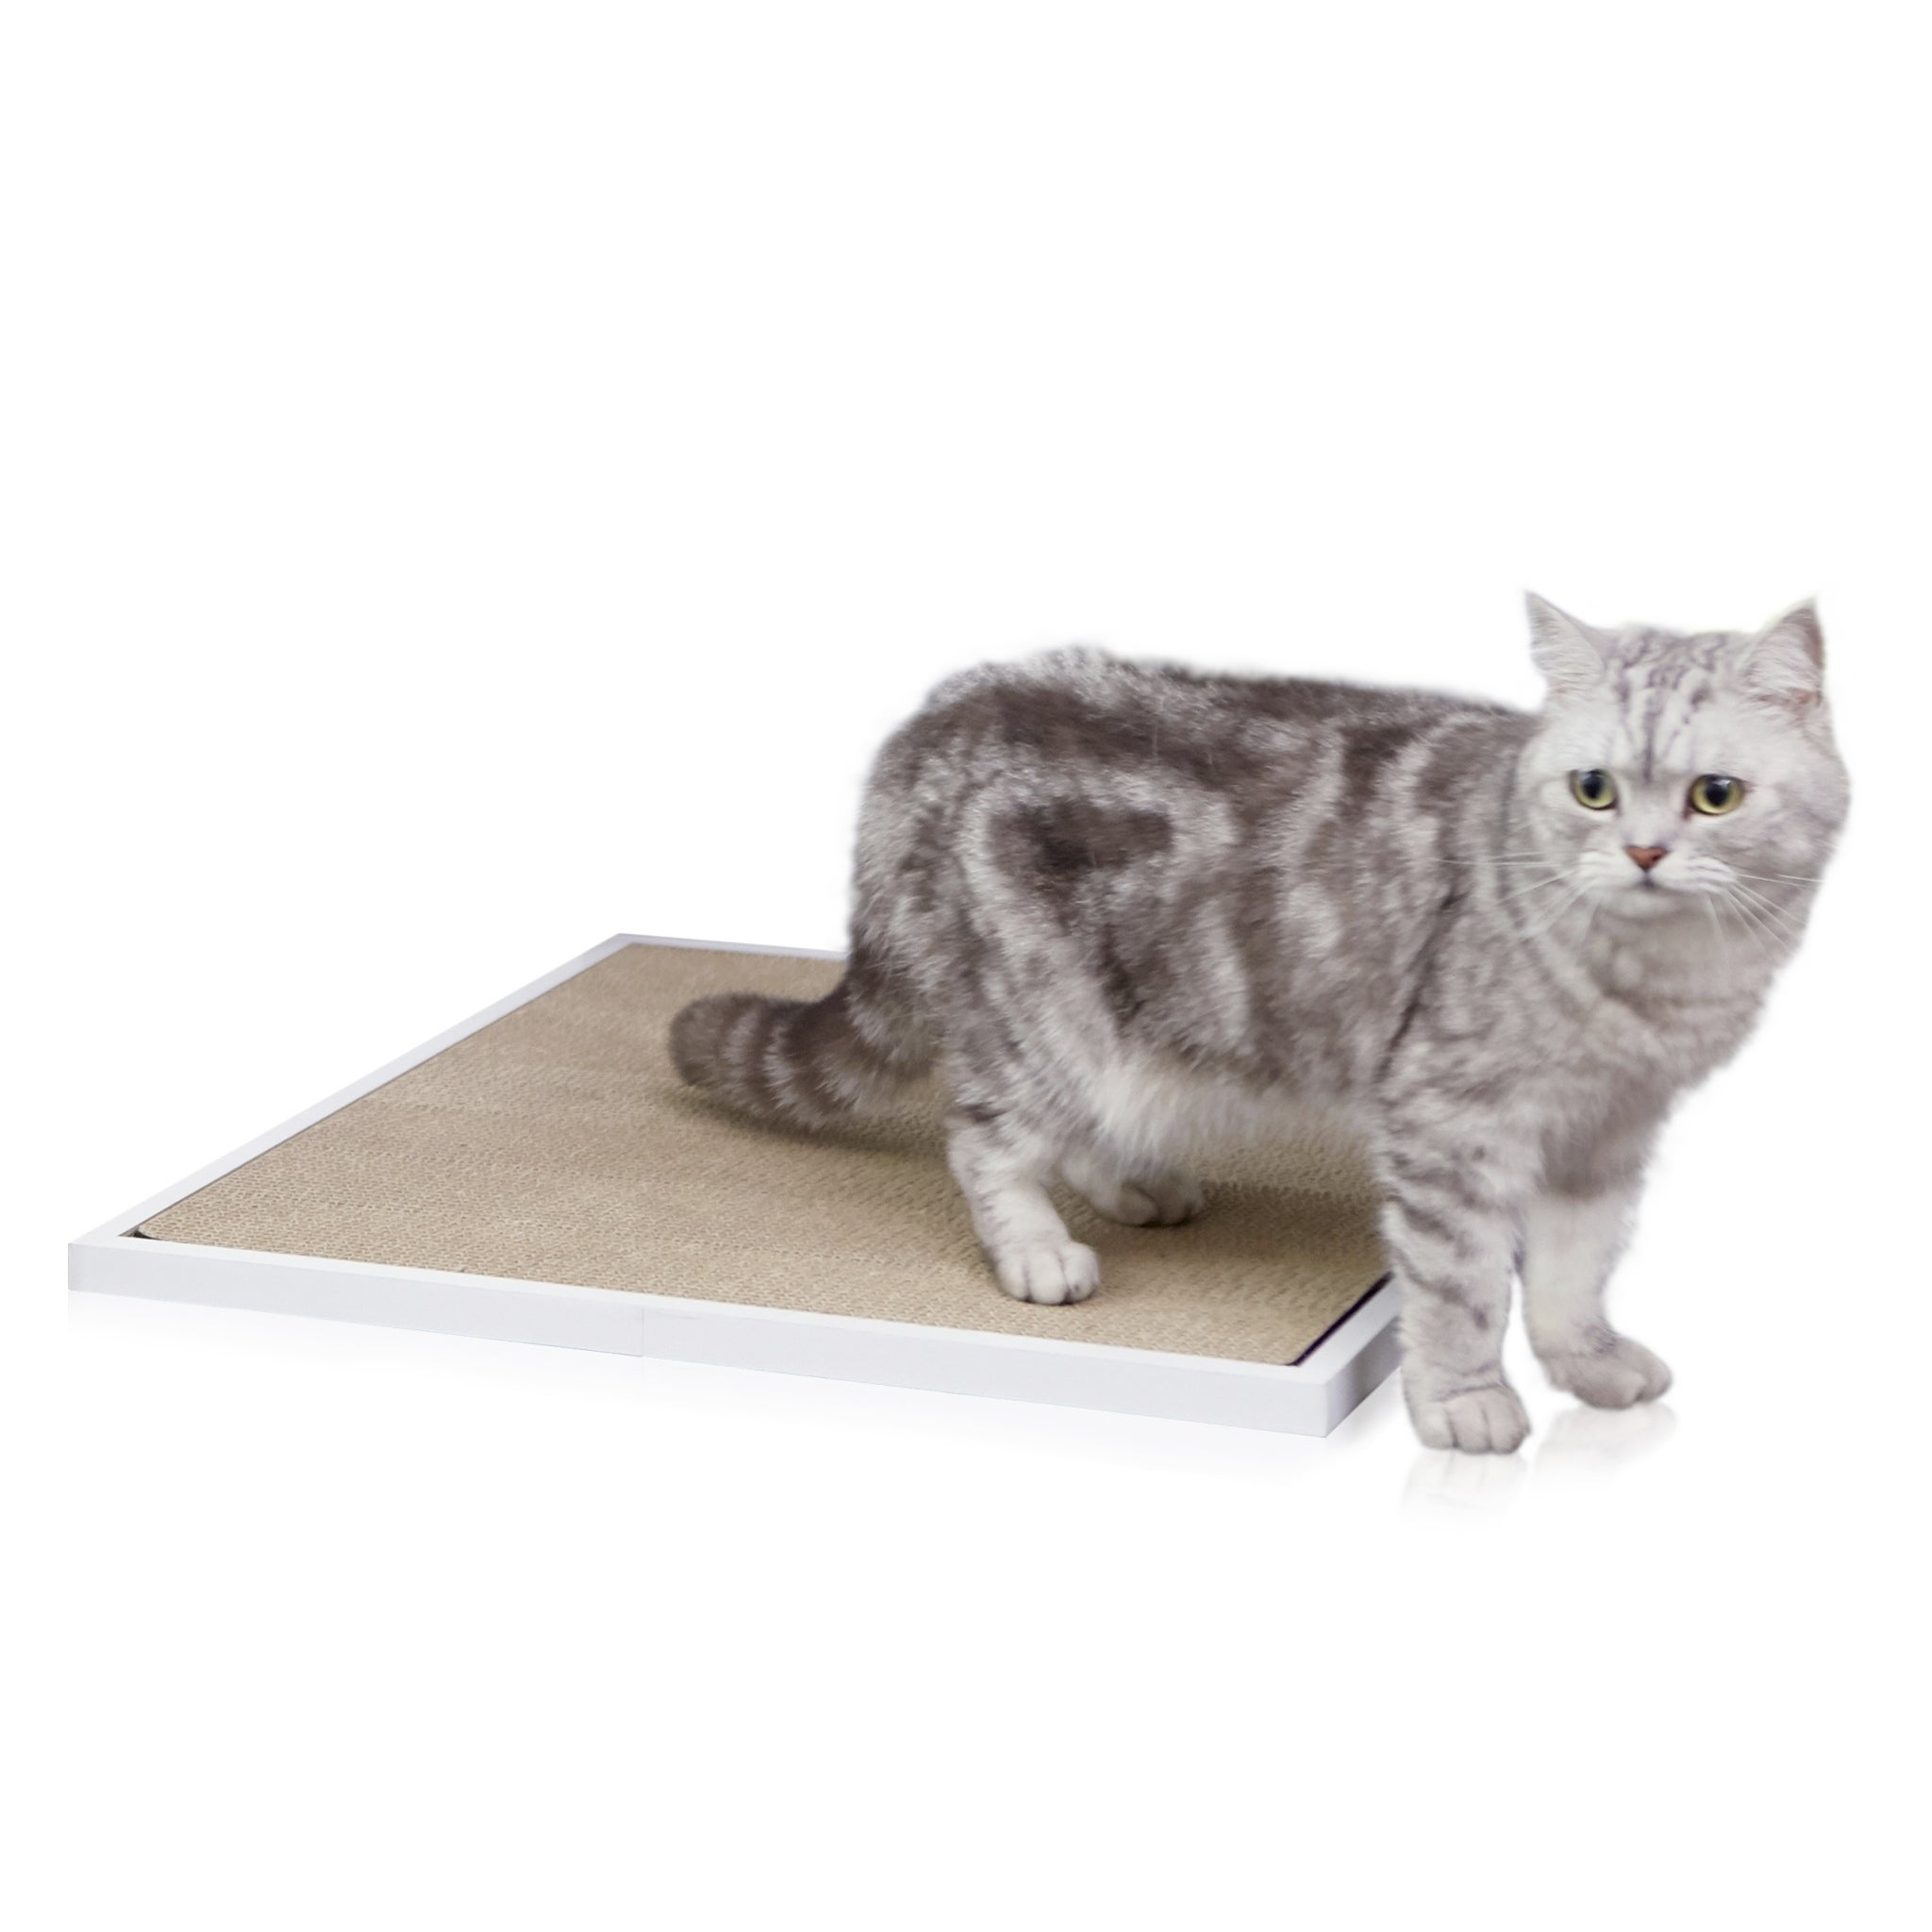 Way Basics EcoFriendly Cat Litter Box Enclosed Hidden Cat